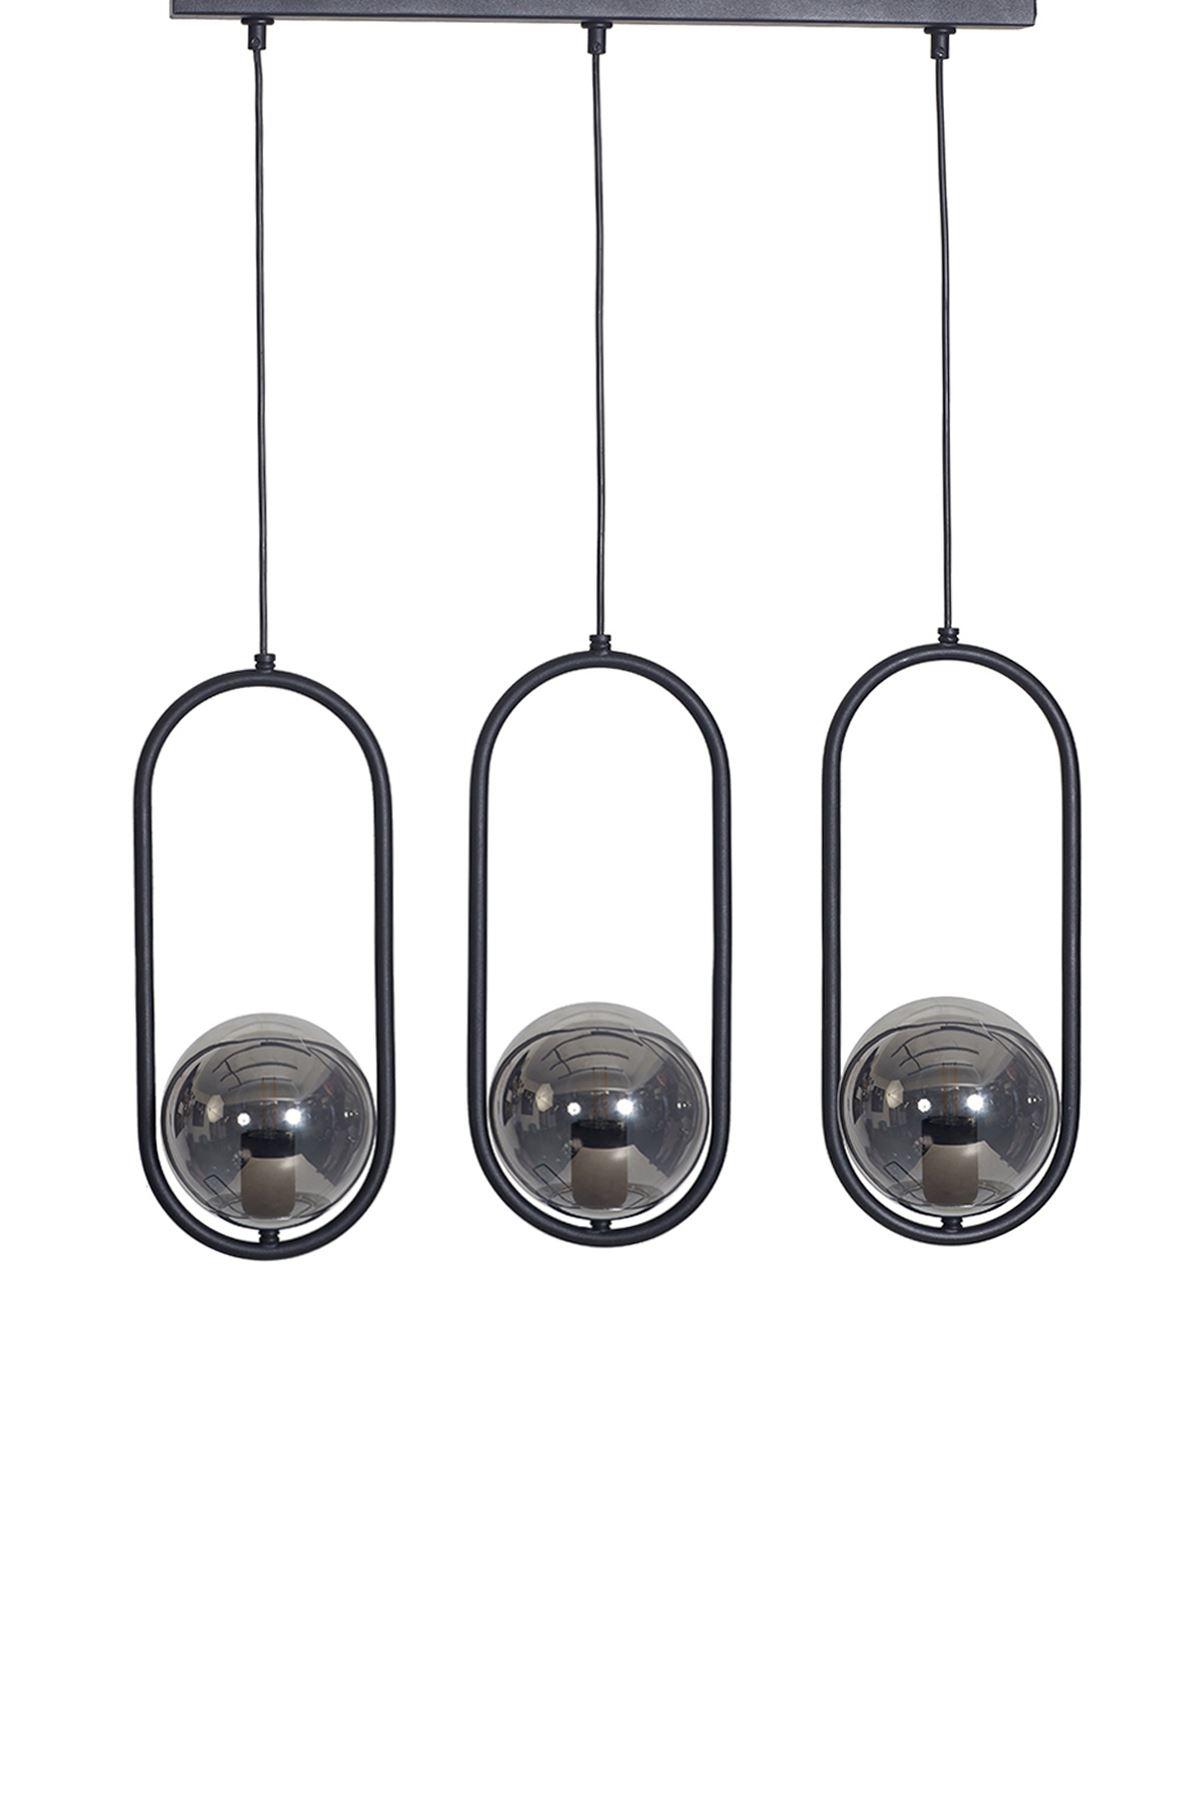 Zenga 3 Lü Siyah-Krom Metal Gövde Füme Camlı  Tasarım Lüx Sıralı Avize